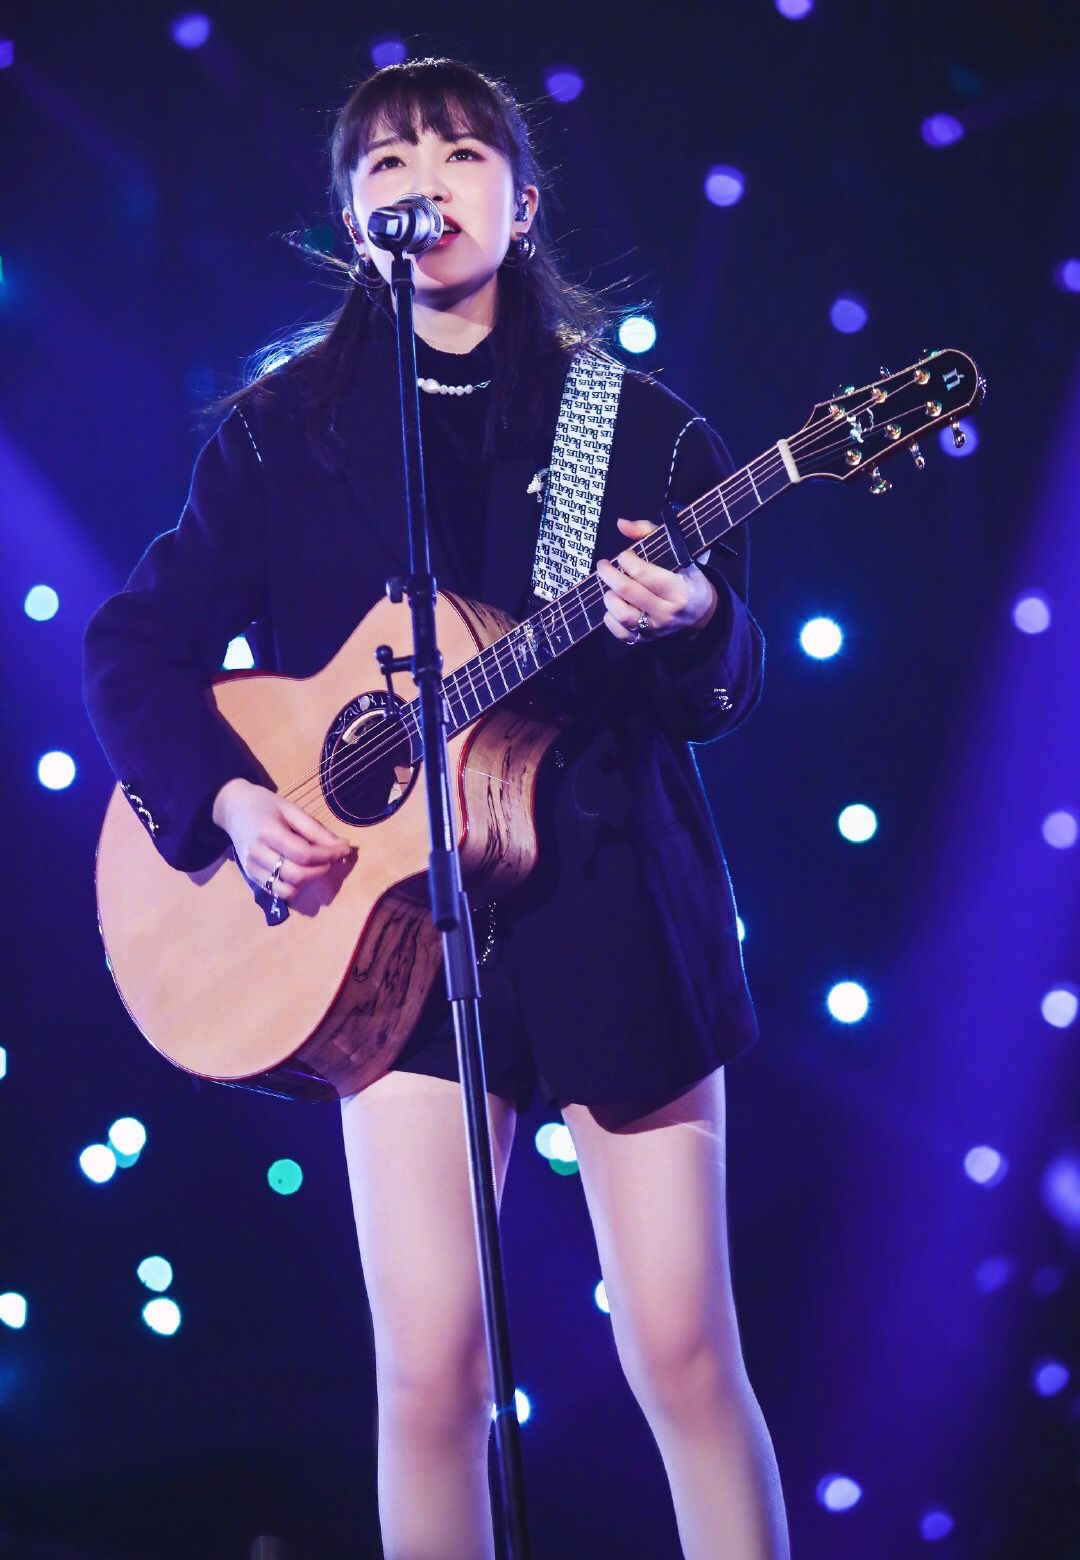 她在《歌手》唱出家庭争吵对孩子的伤害,歌一晚创作完成图片